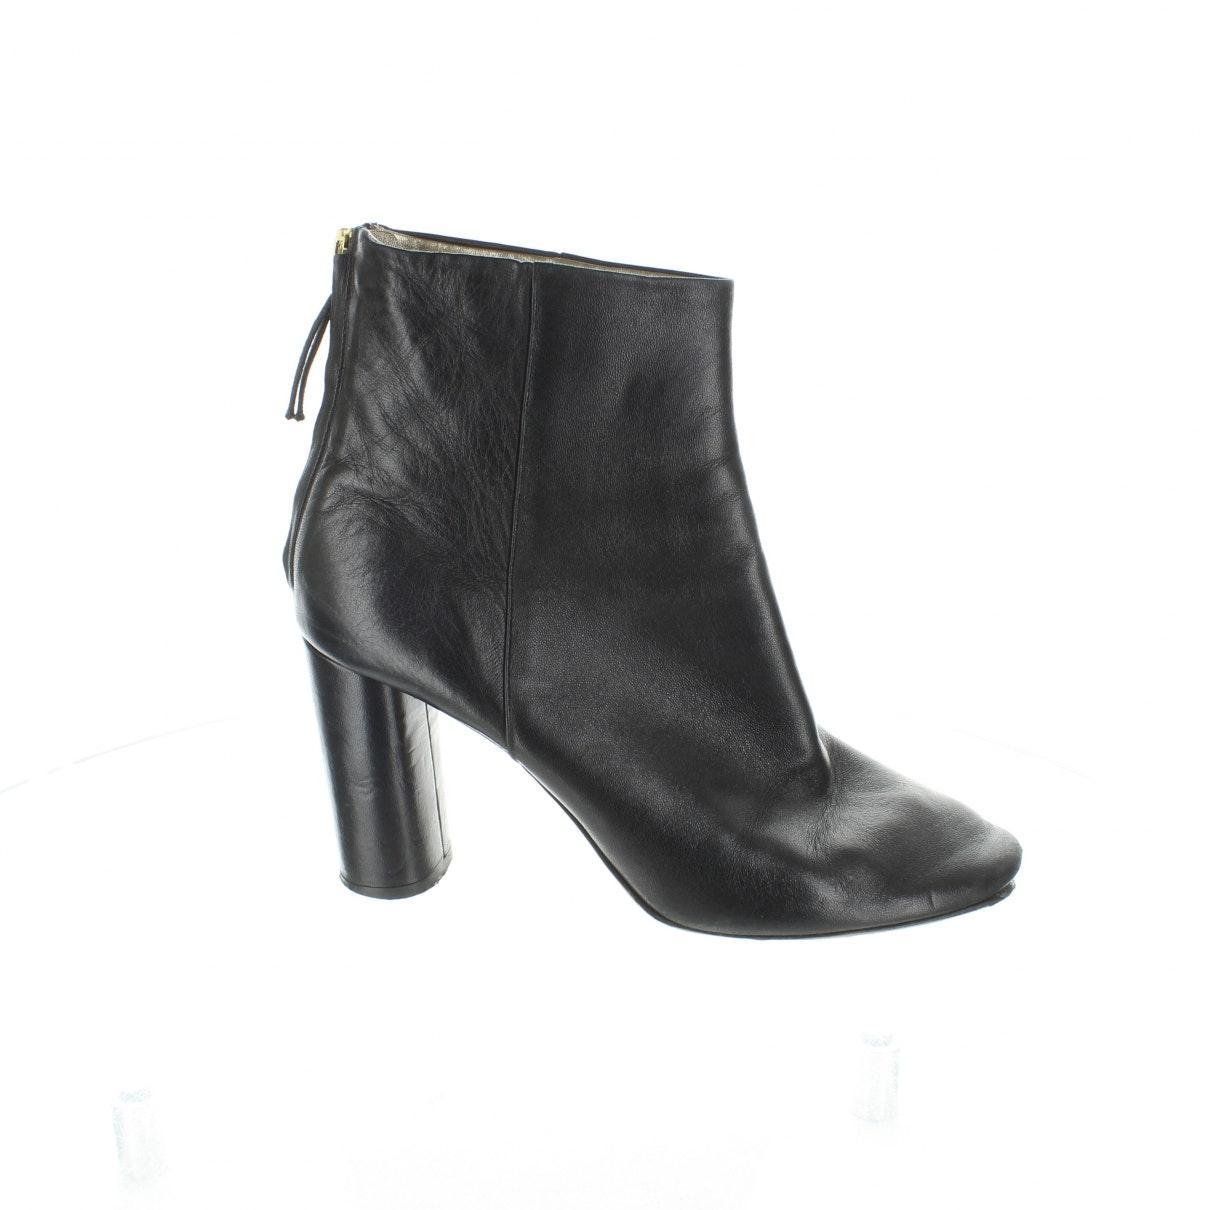 Botines en cuero negro Isabel Marant de Cuero de color Negro